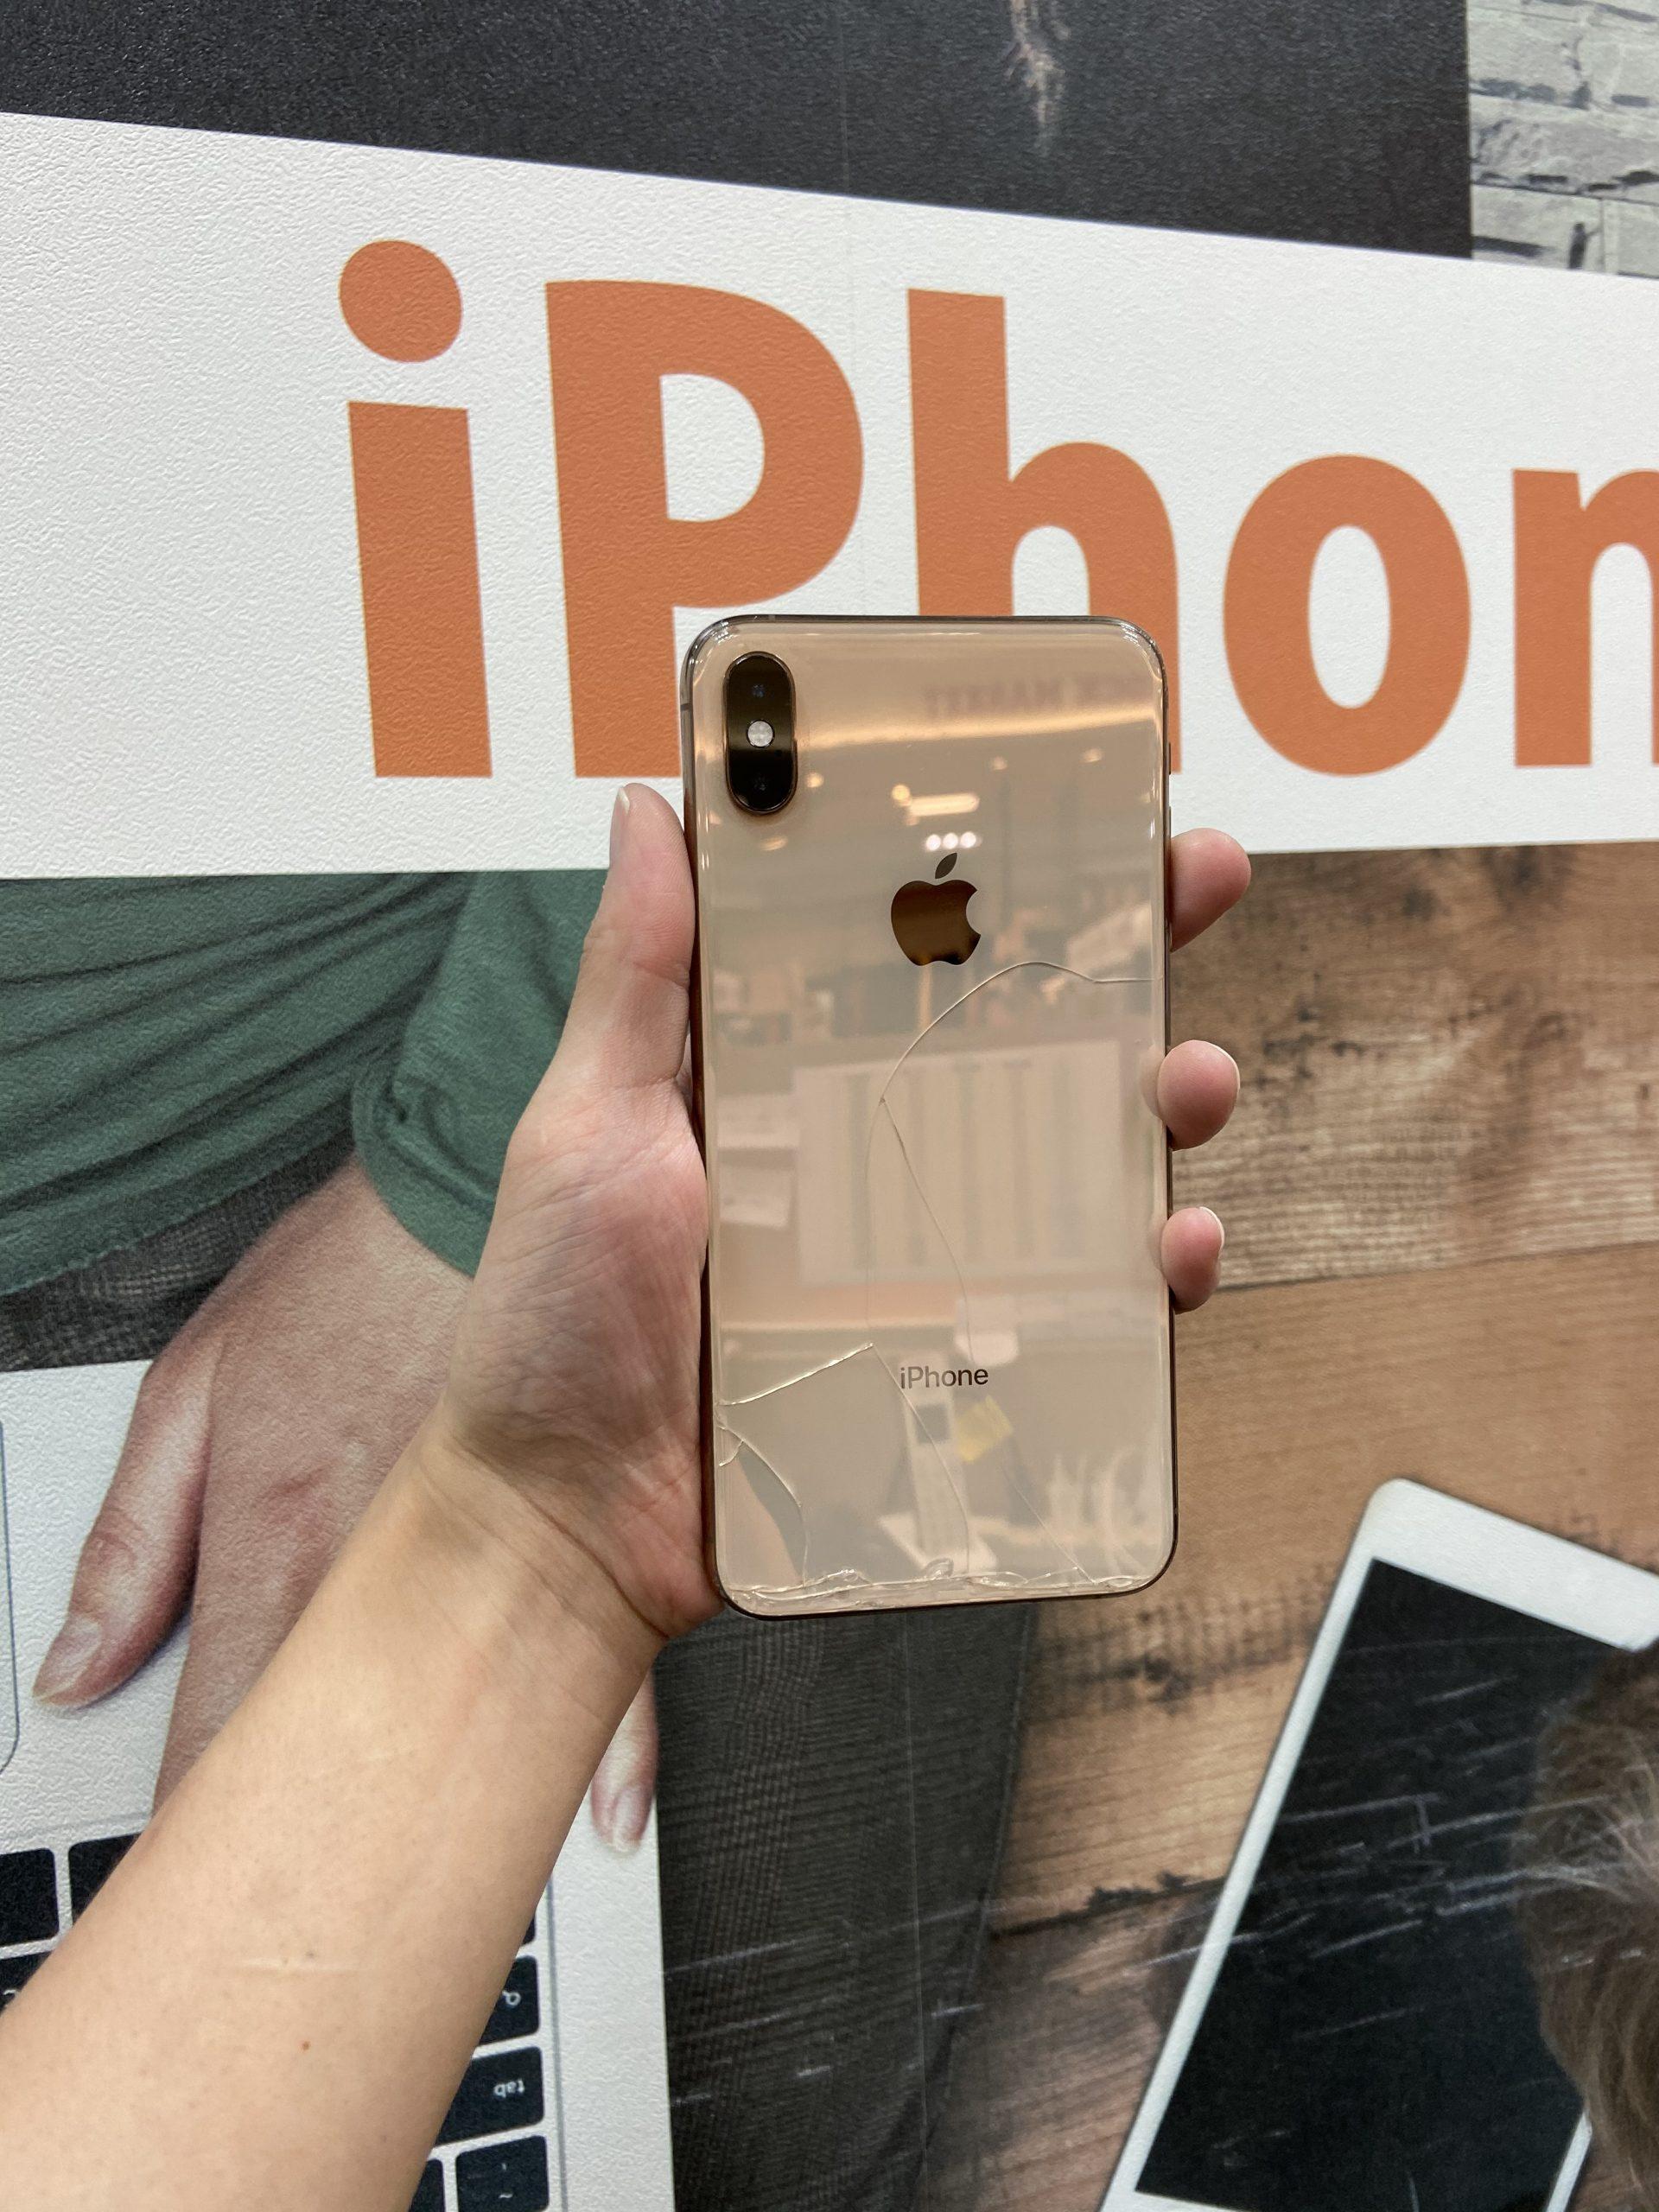 iPhoneXsMax 256GB au○ ゴールド SIMロック未解除